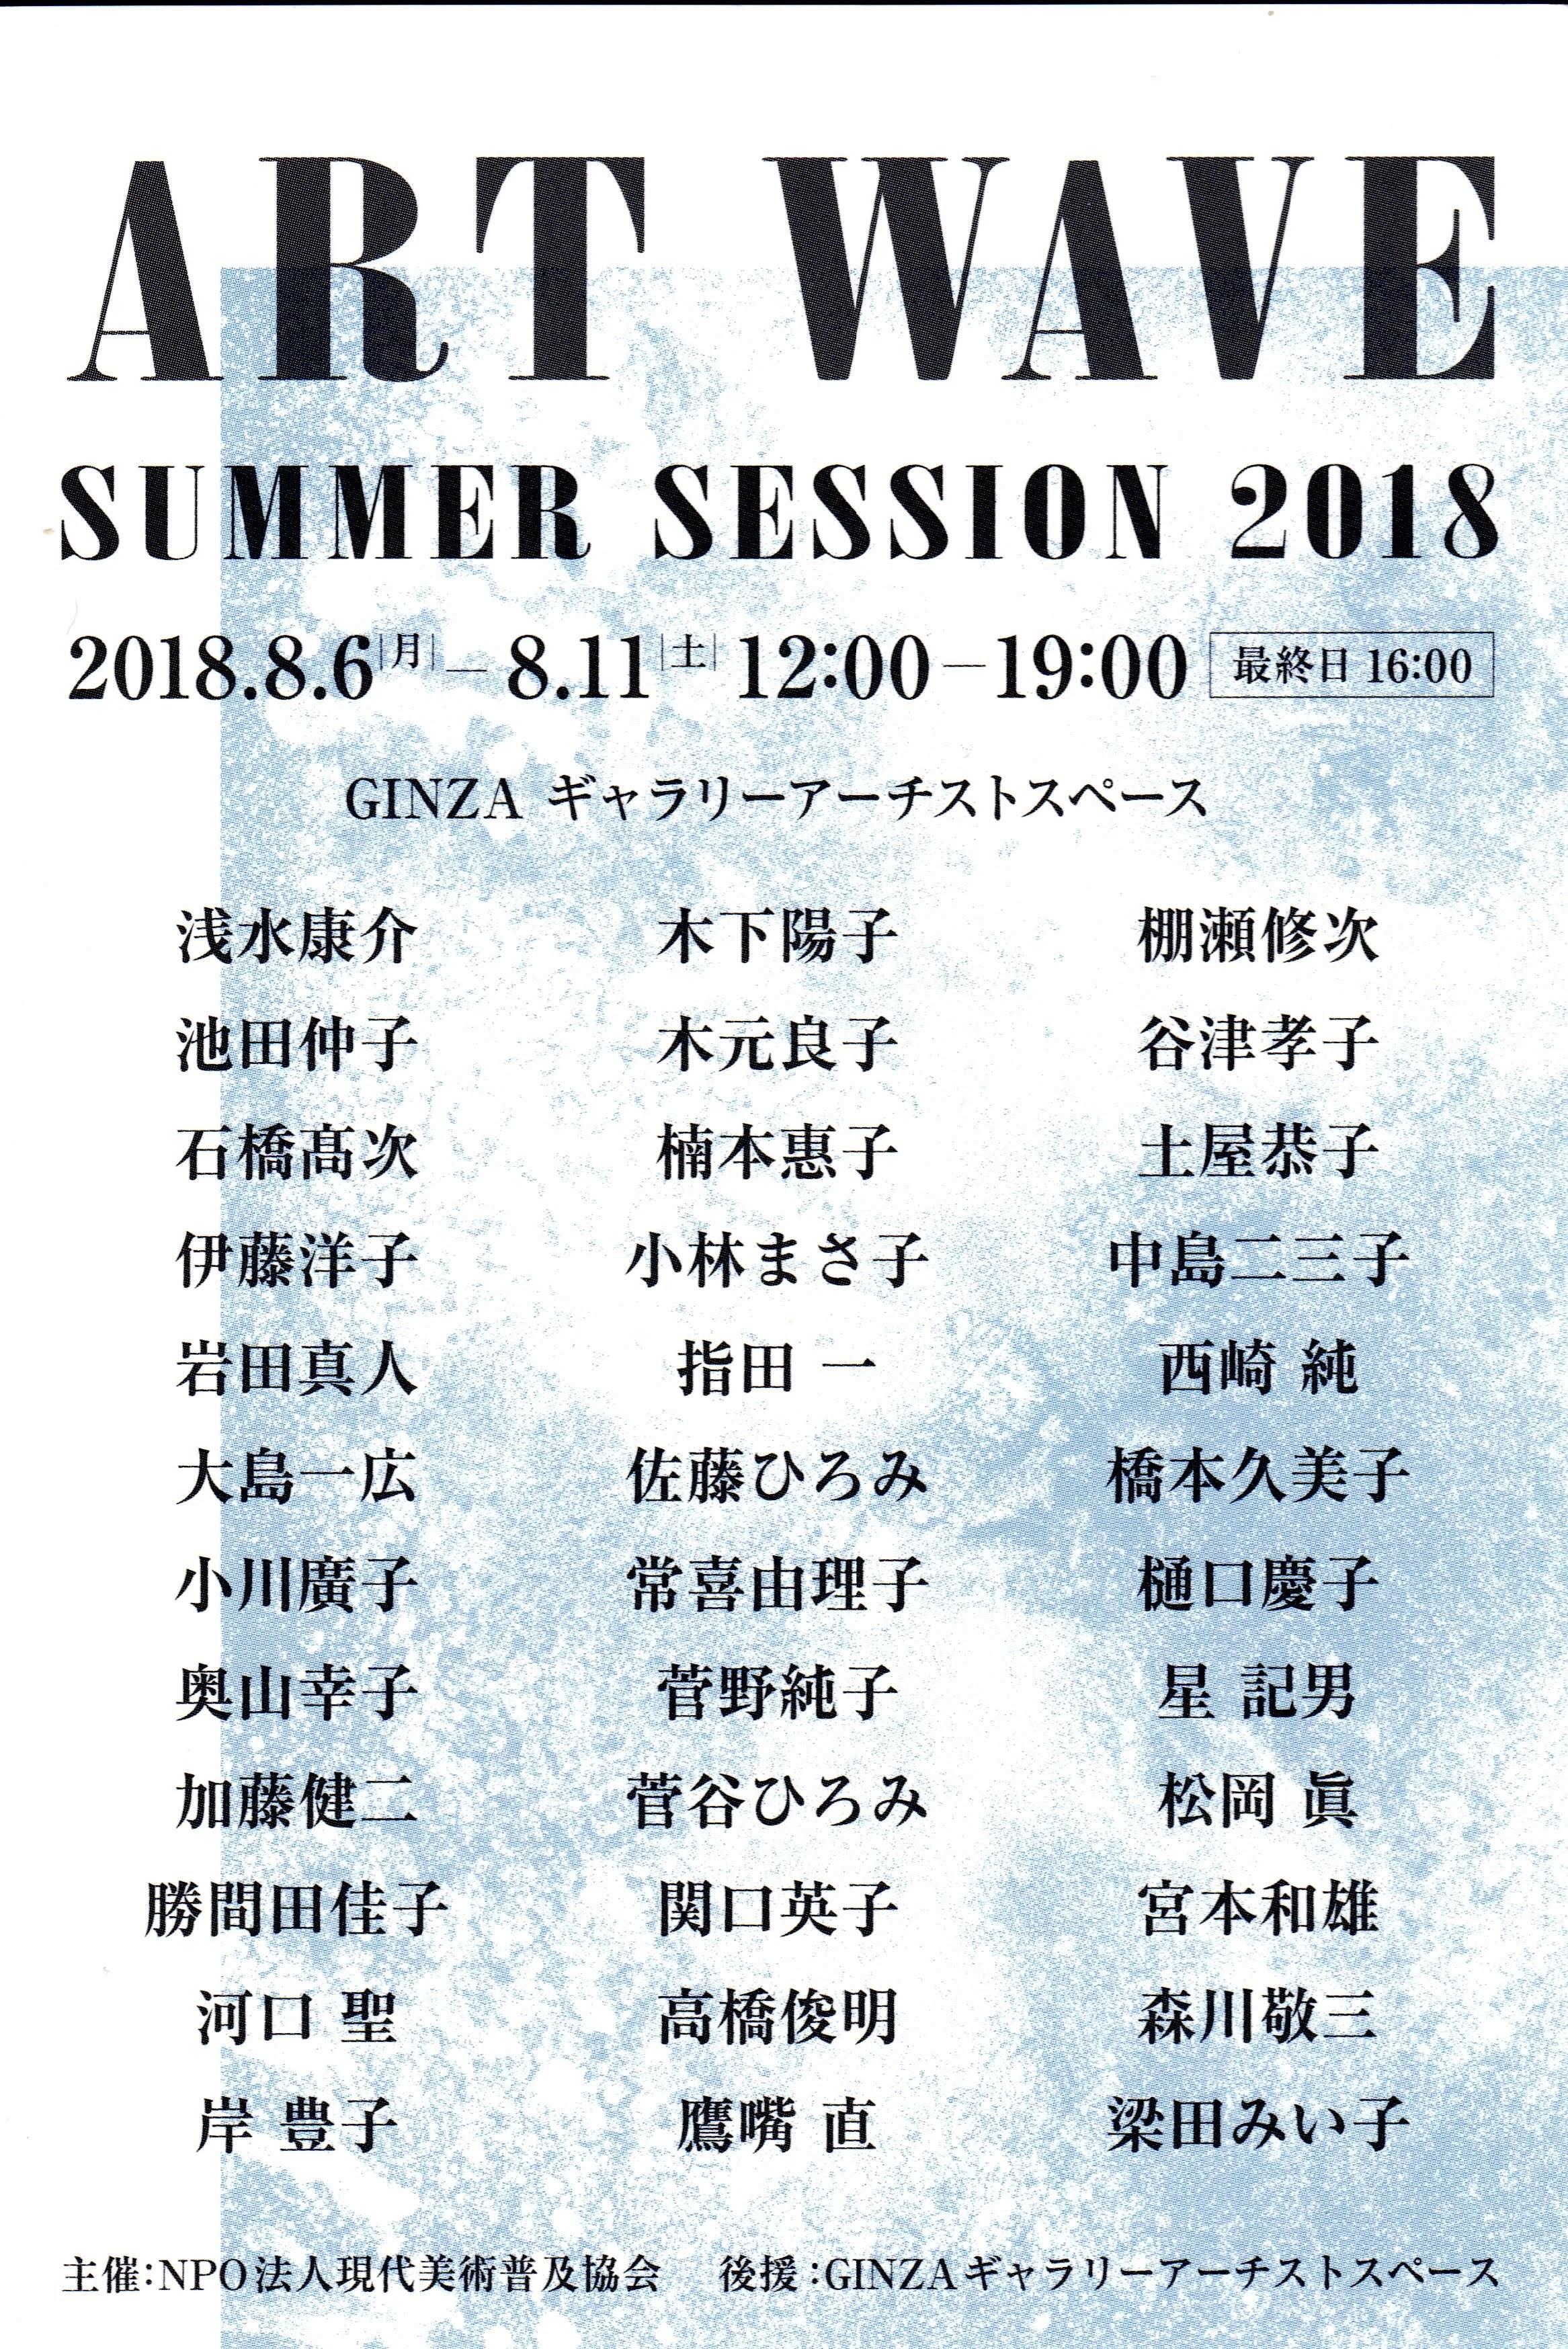 [ART WAVE SUMMER SESSION 2018]。銀座で開催中。伊藤洋子も参加。